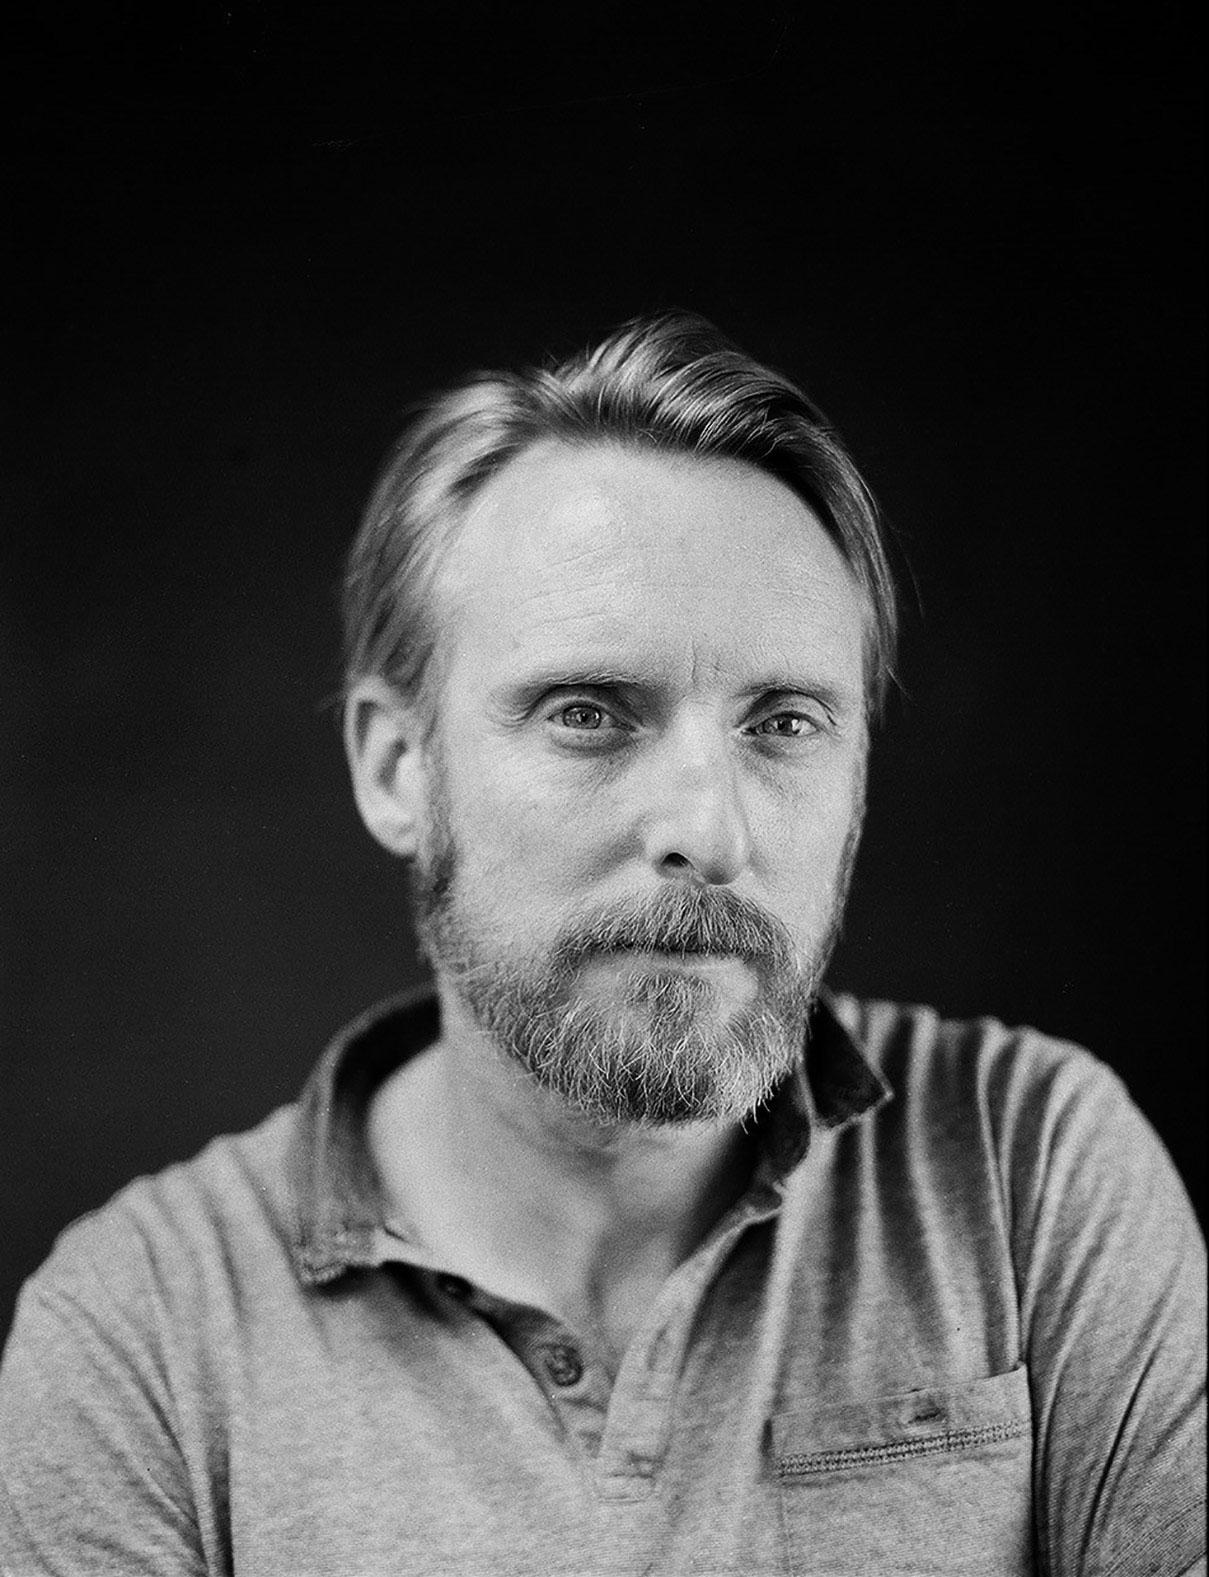 צילום פורטרט - דויד סקורי